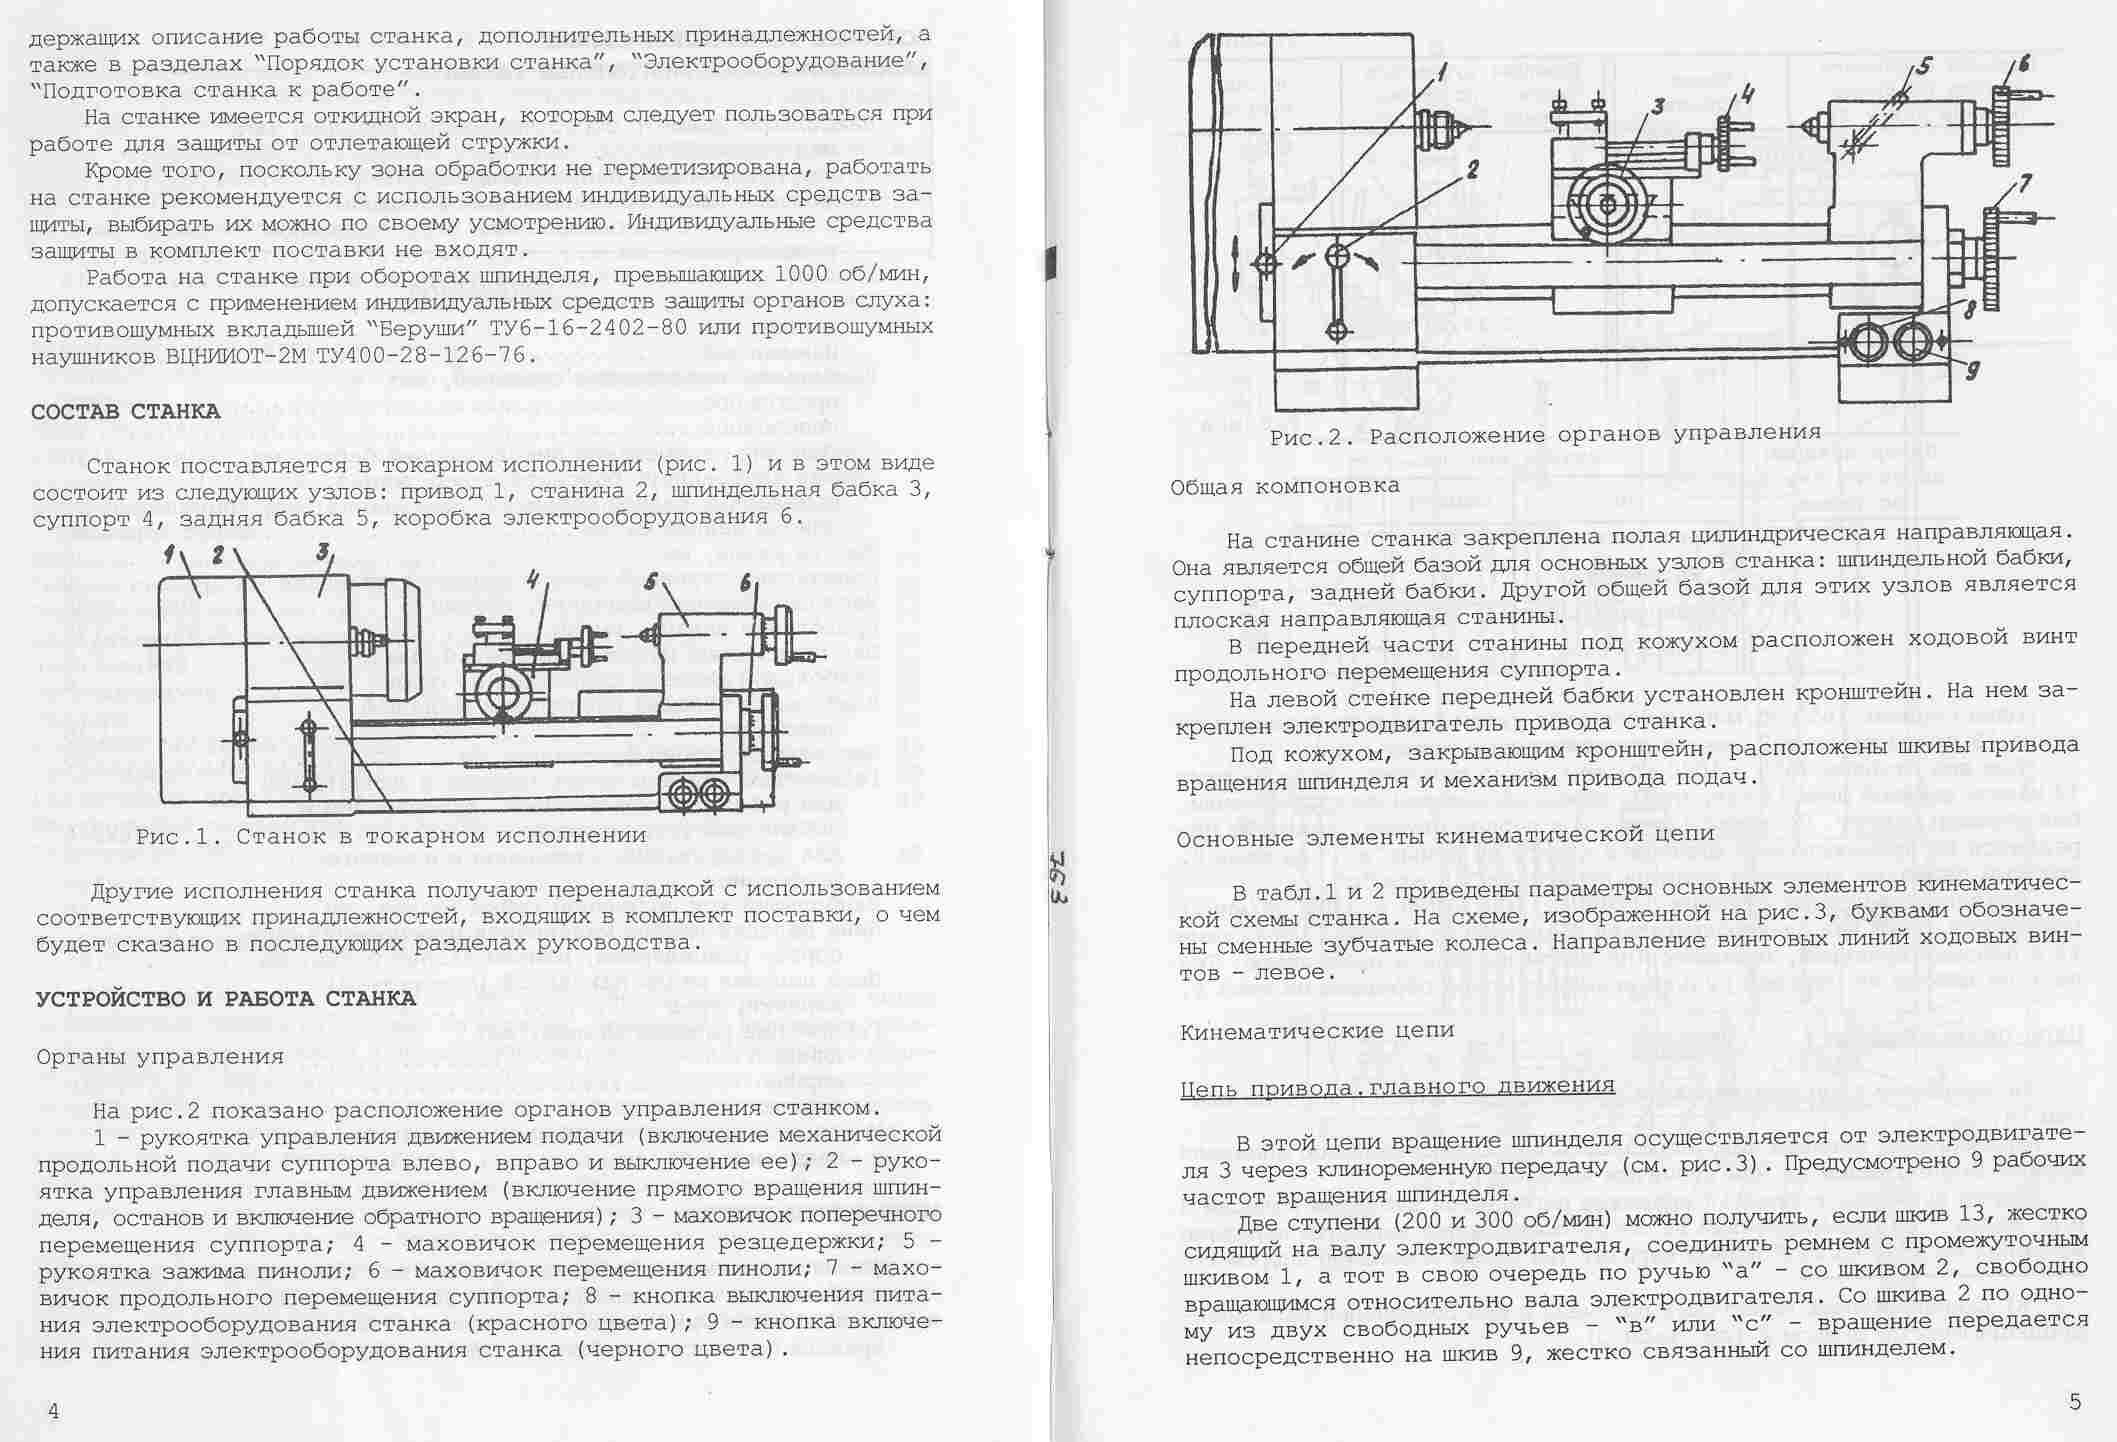 Конструкционные особенности точильно-шлифовального станка марки тш-3